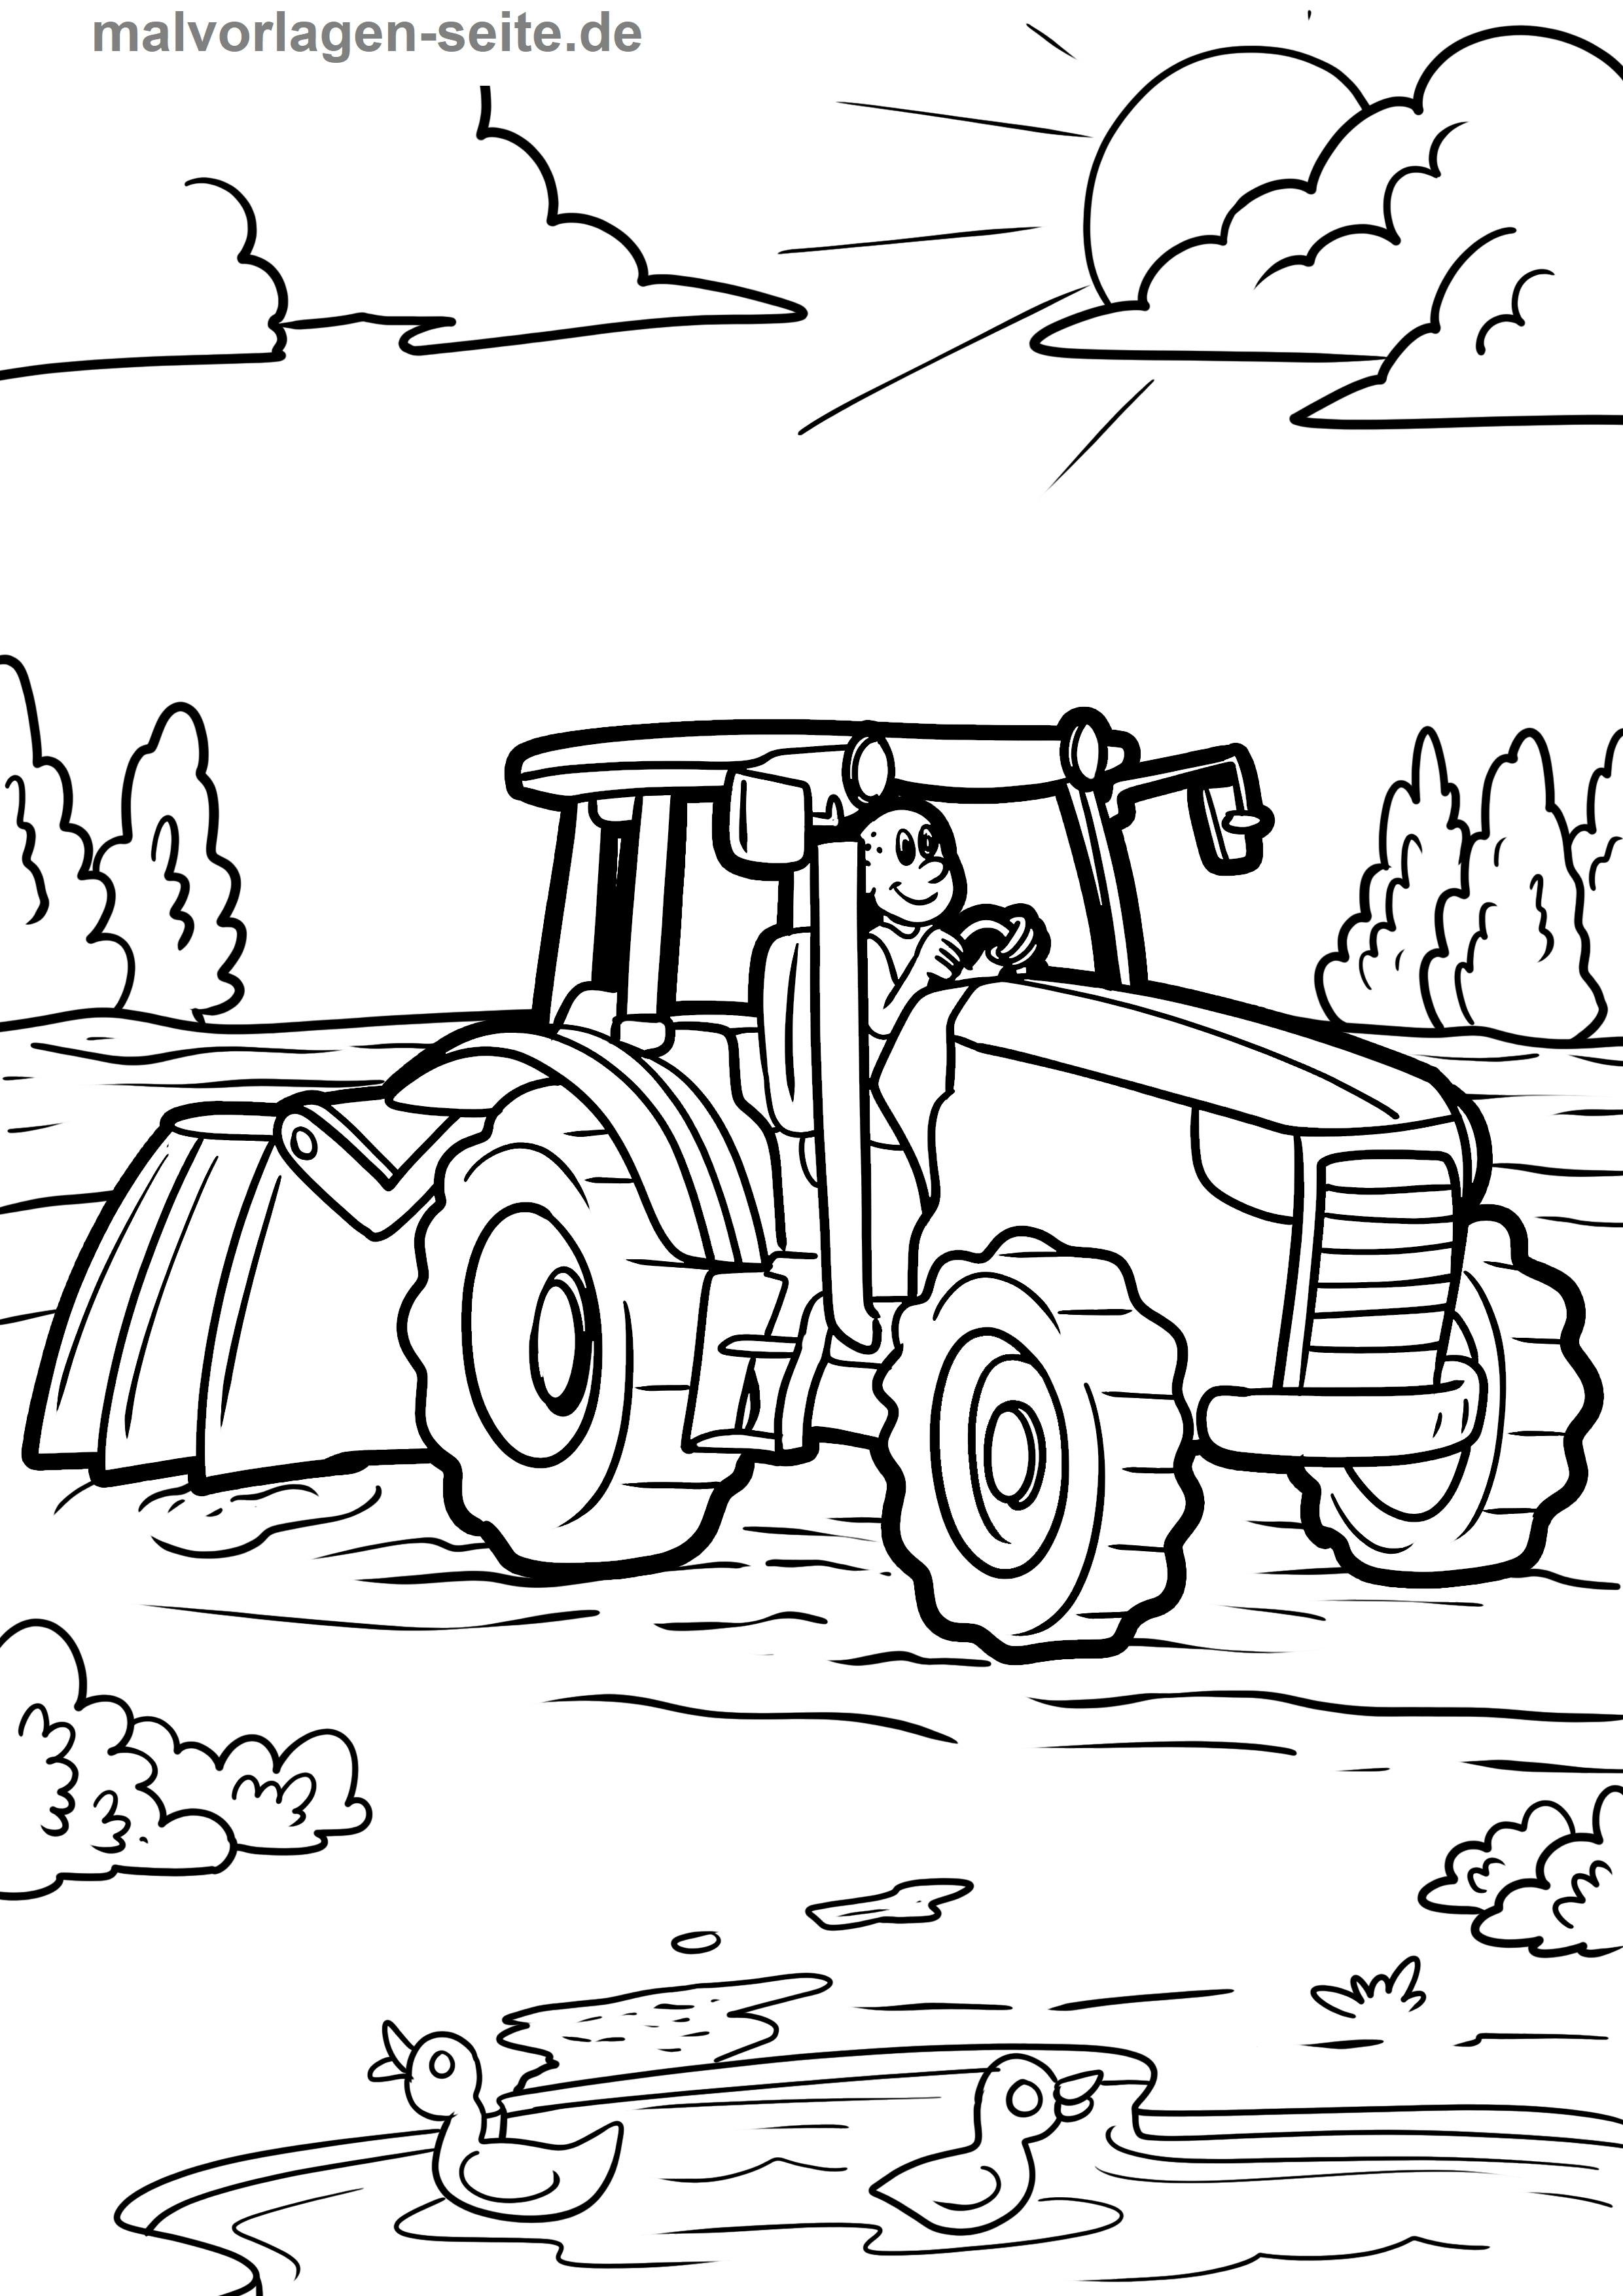 ausmalbilder traktor mit frontlader einzigartig malvorlage